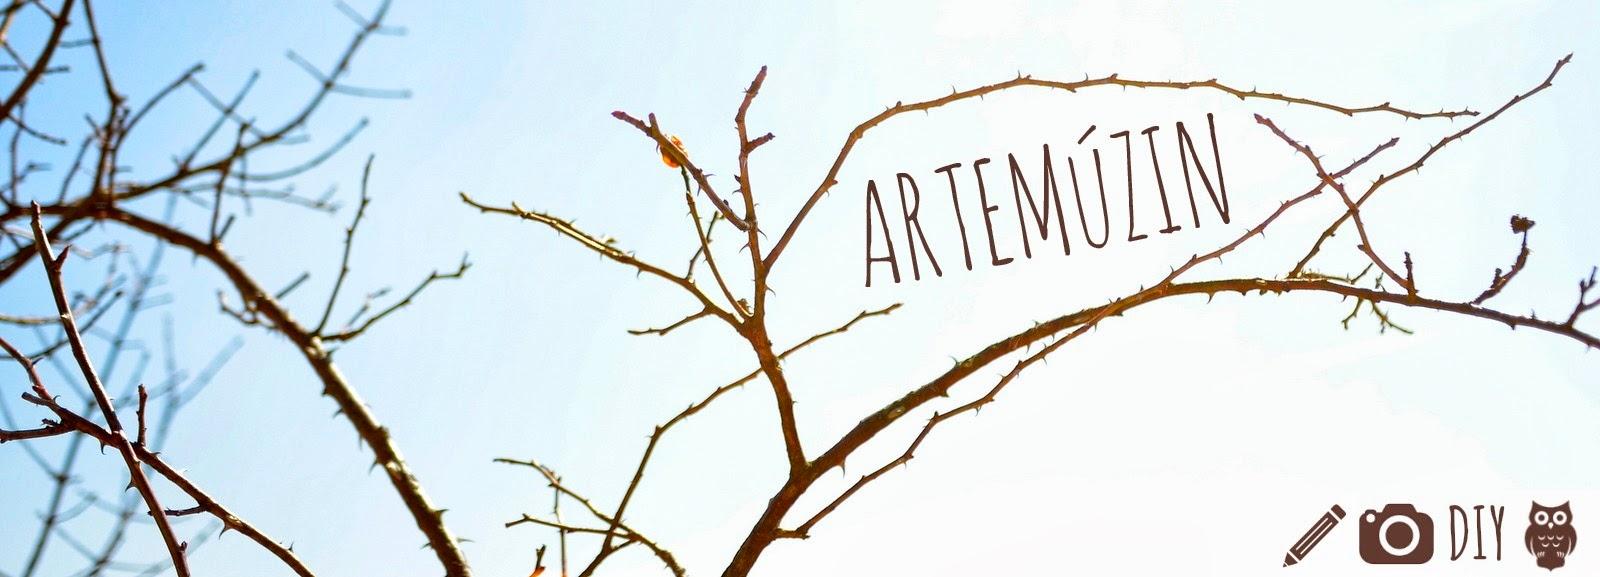 Artemúzin